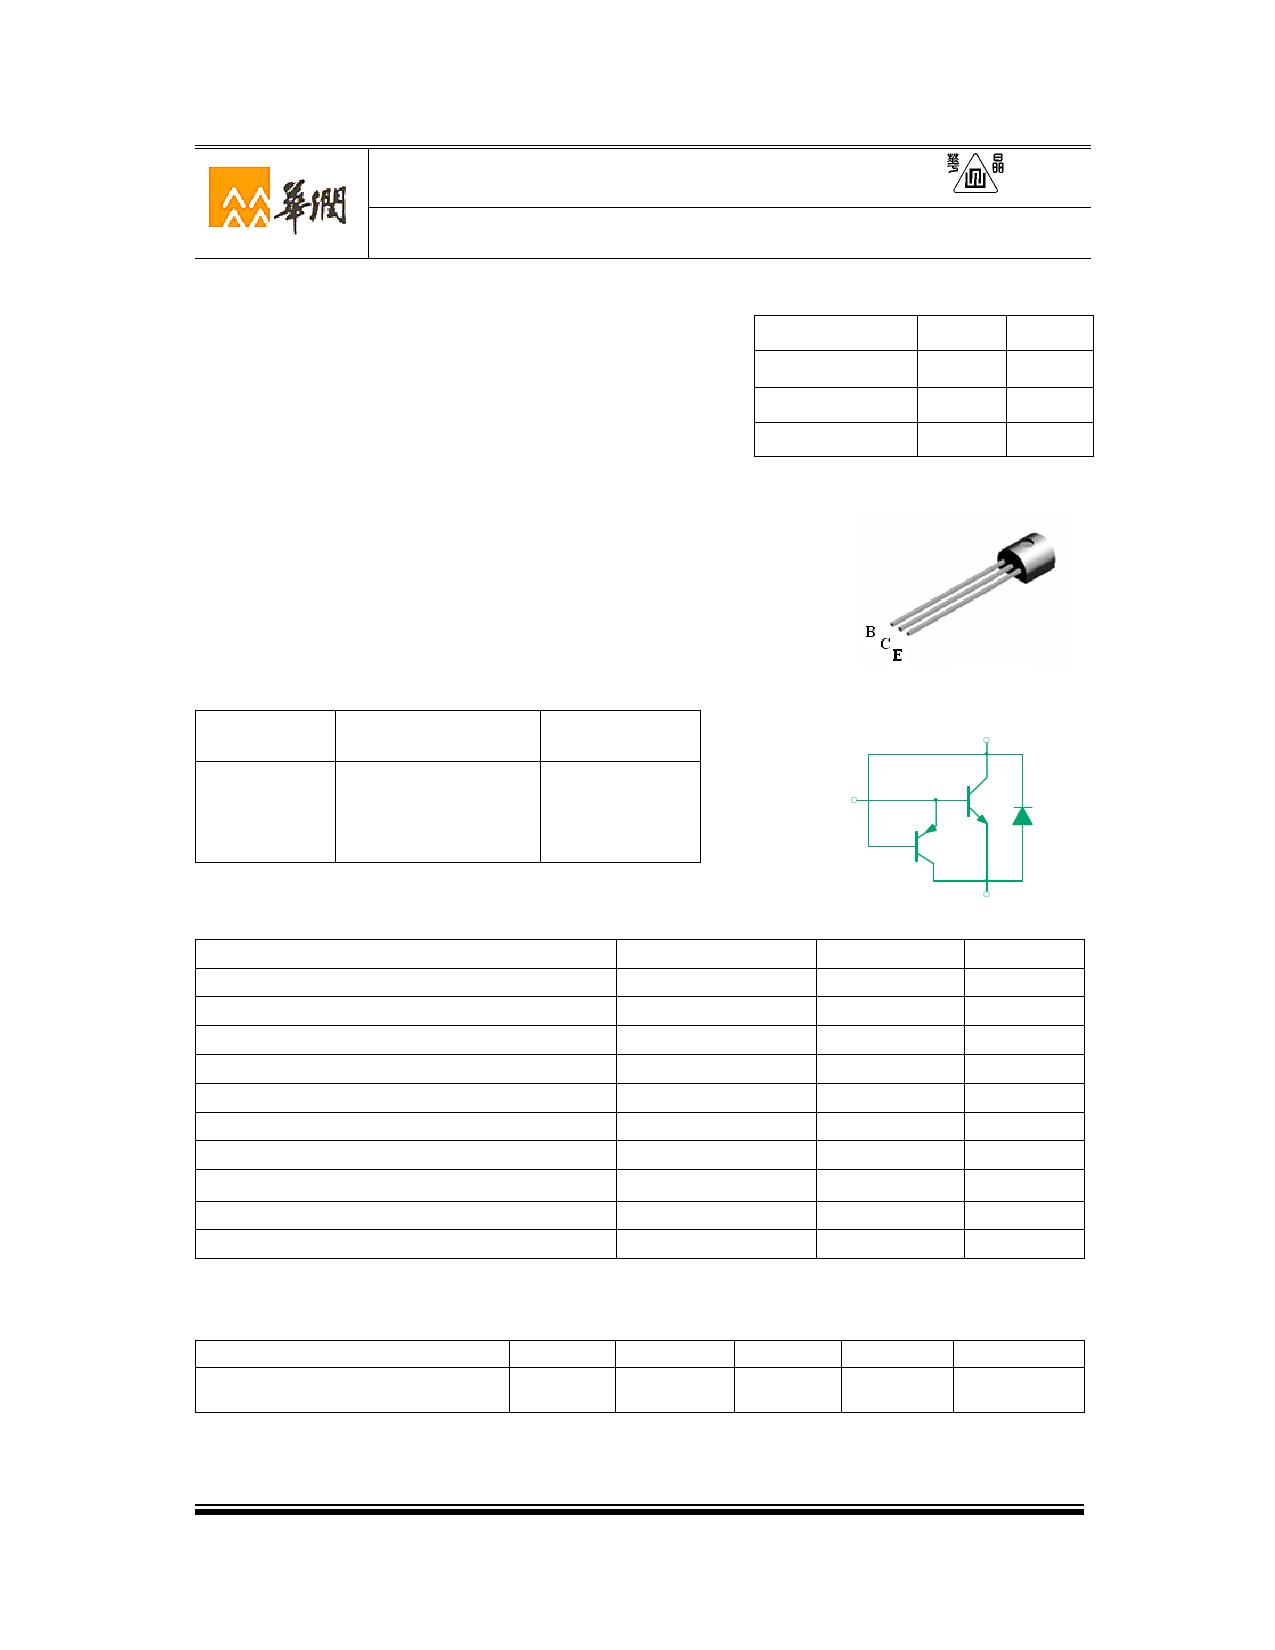 3DD13003V1D Datasheet, 3DD13003V1D PDF,ピン配置, 機能